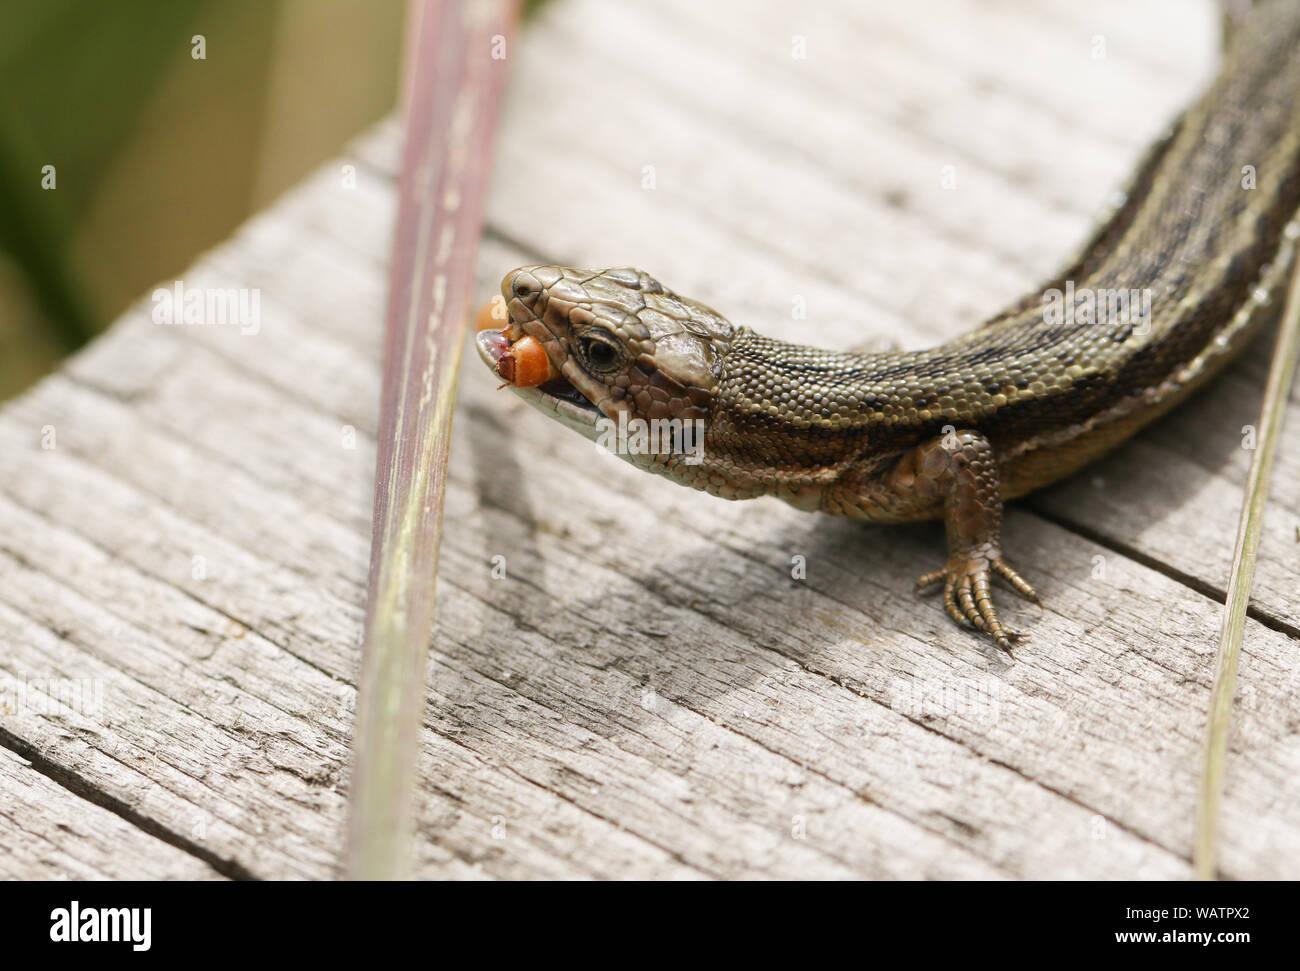 Eine gemeinsame Eidechse, Zootoca vivipara, Essen ein Insekt auf einem Holzsteg. Stockfoto